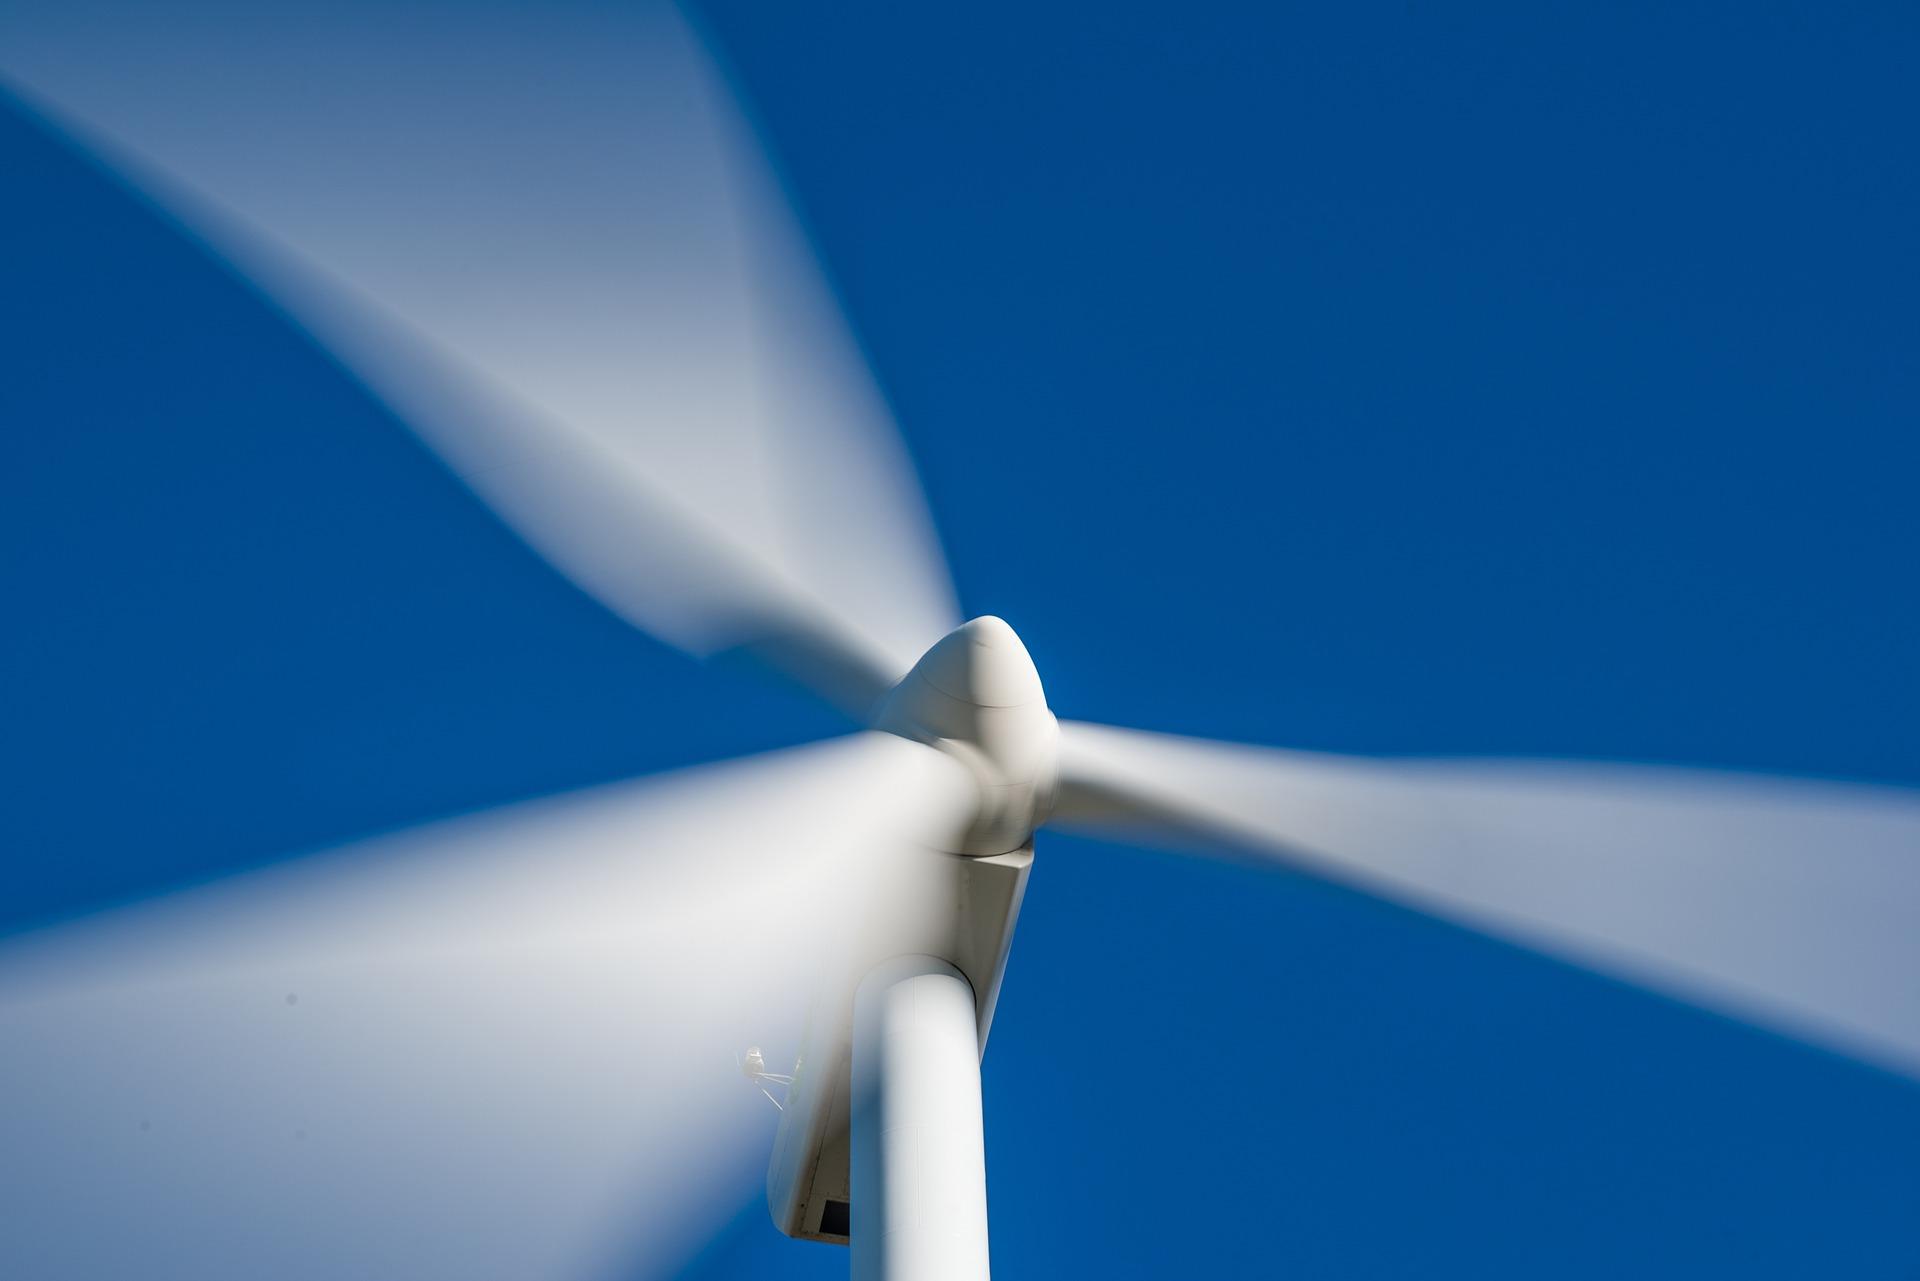 Pixabay – Wind Farm